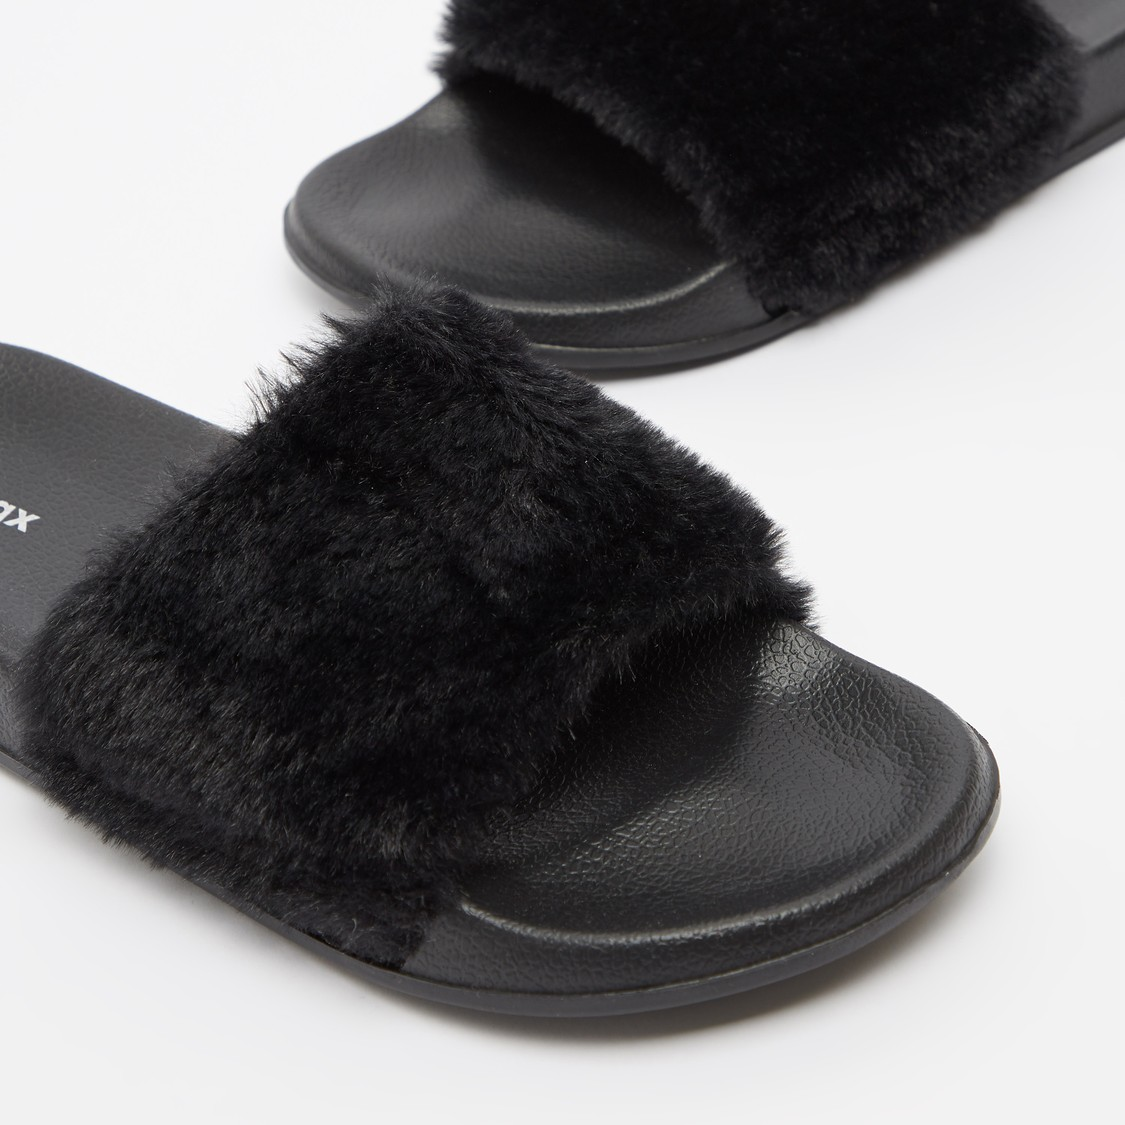 حذاء خفيف للشاطئ بتفاصيل قطيفة